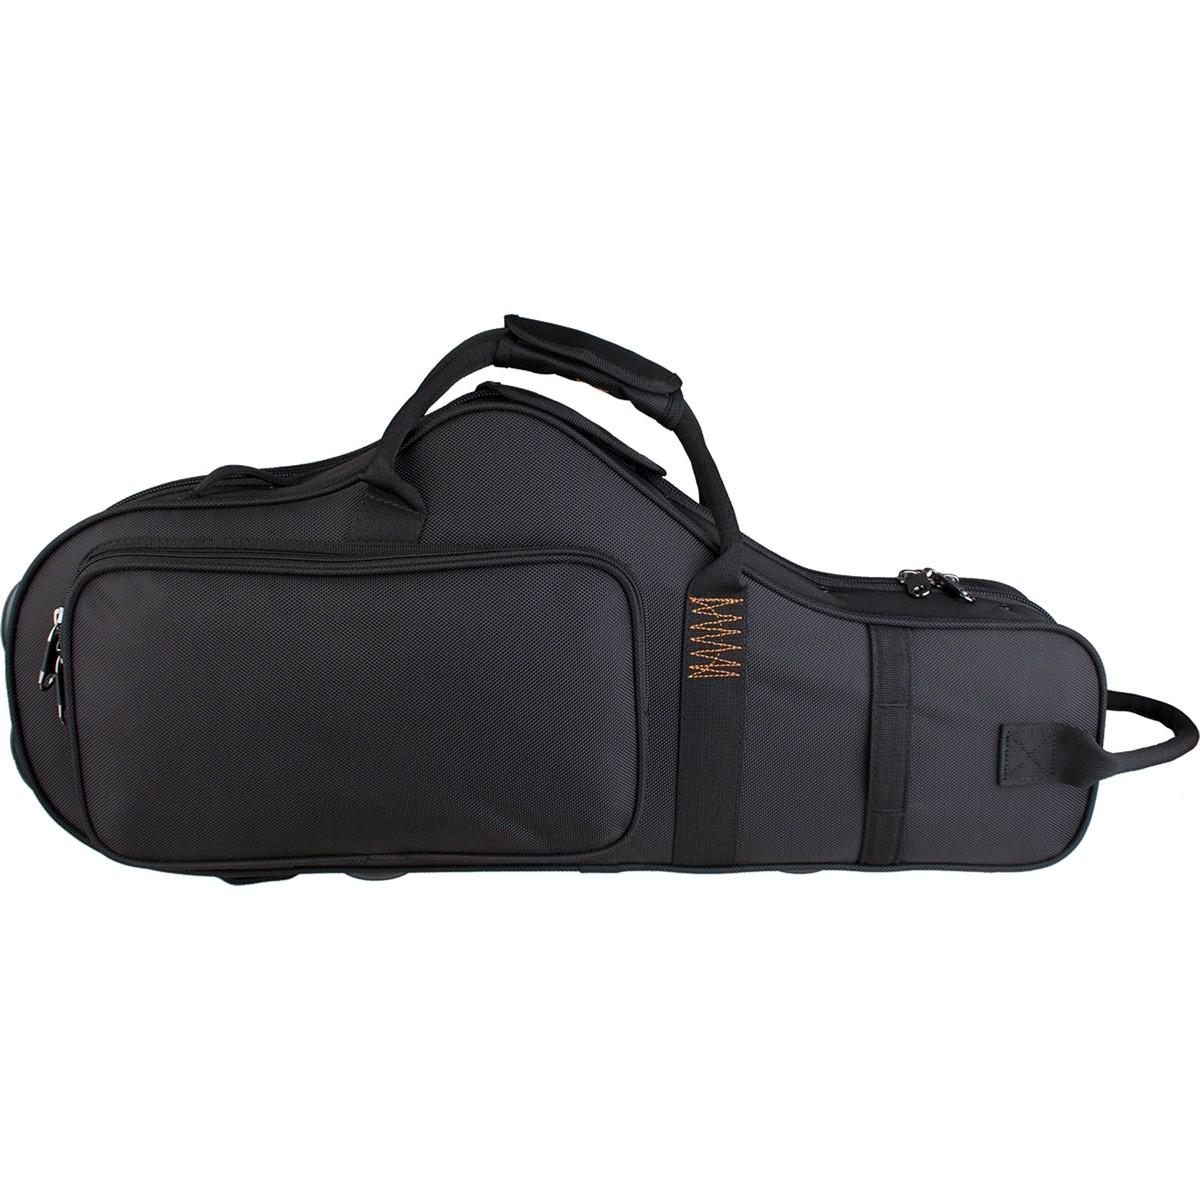 Protec Alto Saxophone PRO PAC Case - Contoured (PB304CT)